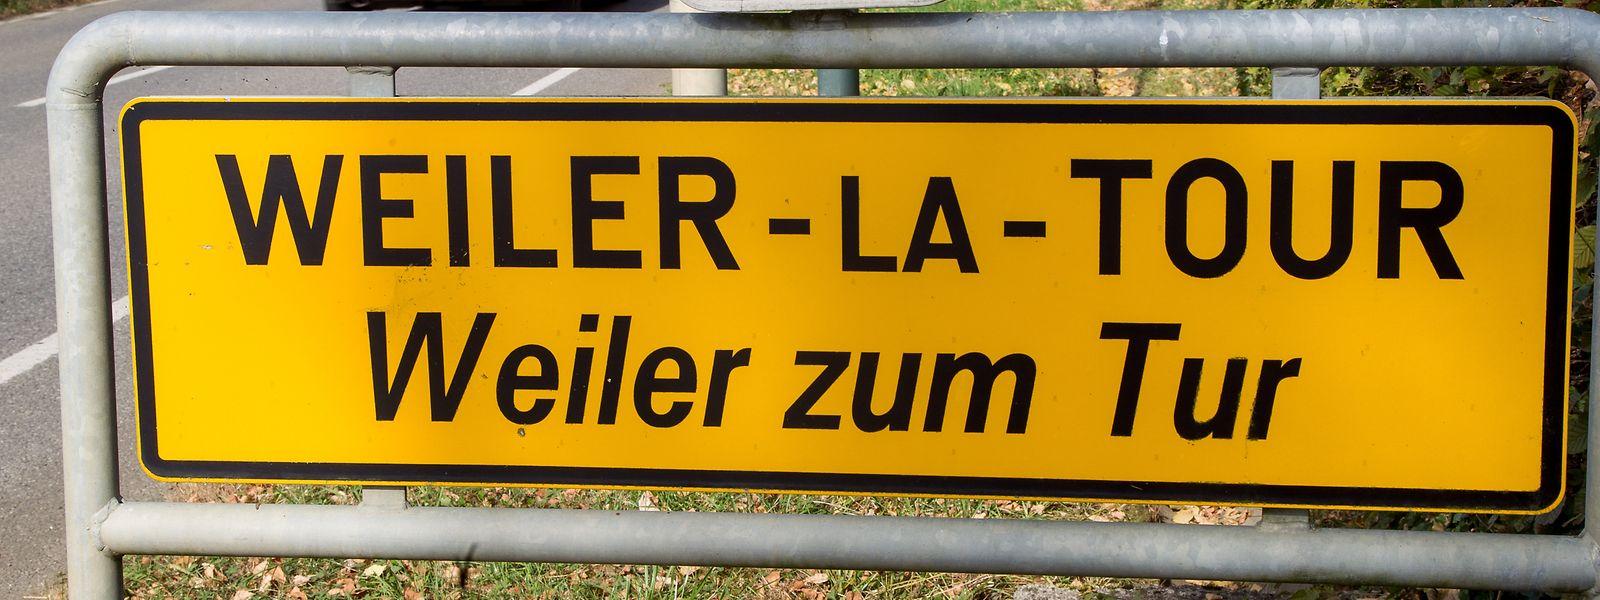 Da zwei Gemeinderatsmitglieder zurückgetreten mussten, gab es in Weiler-la-Tour am Sonntag Komplementarwahlen.